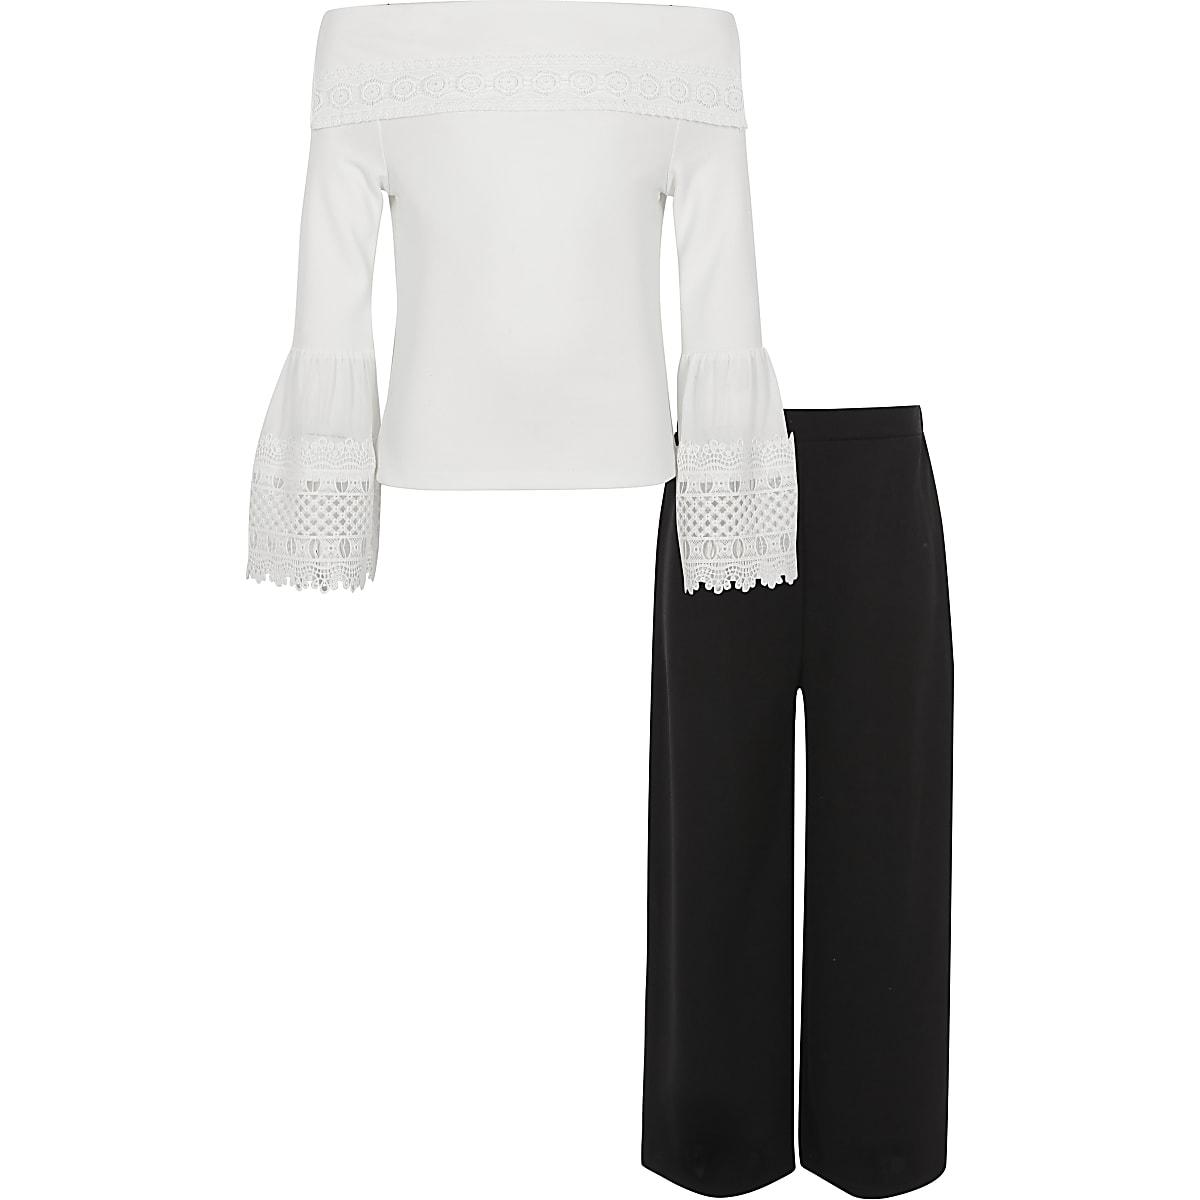 Outfit met witte kanten top en broek voor meisjes